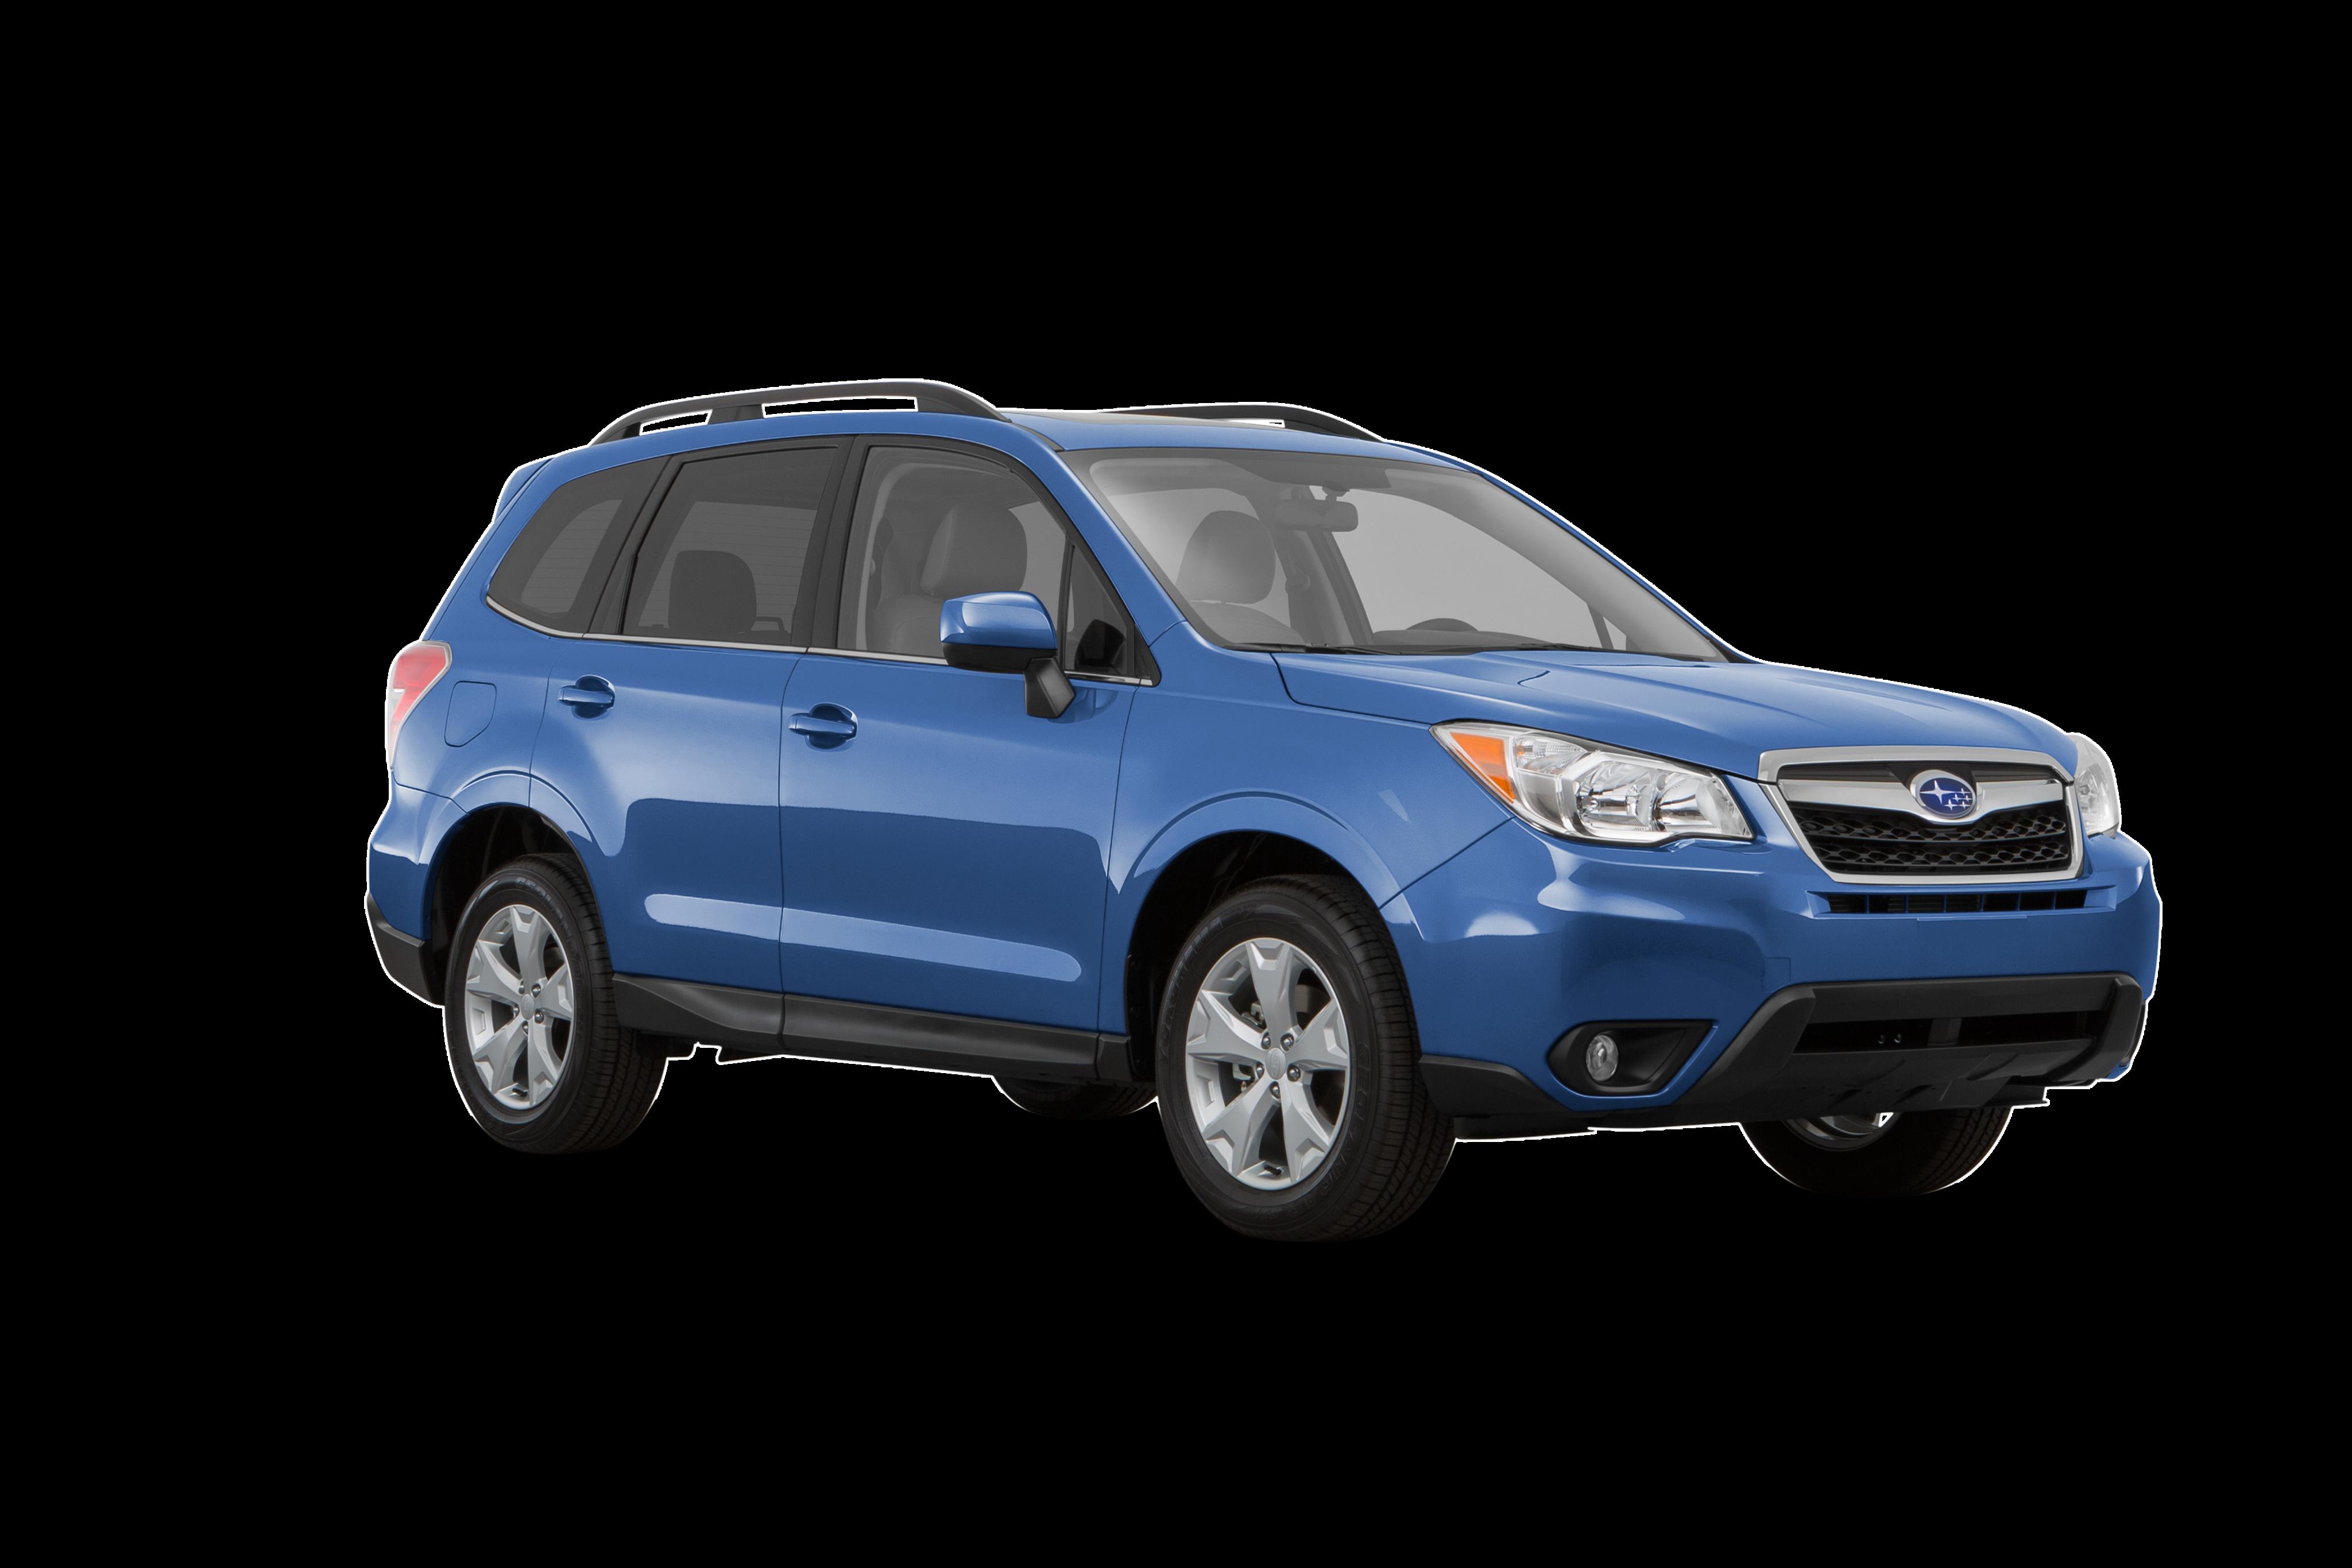 Subaru Dealers Near Me >> Wallingford Area Subaru Dealer Near Me At Premier Subaru Subaru